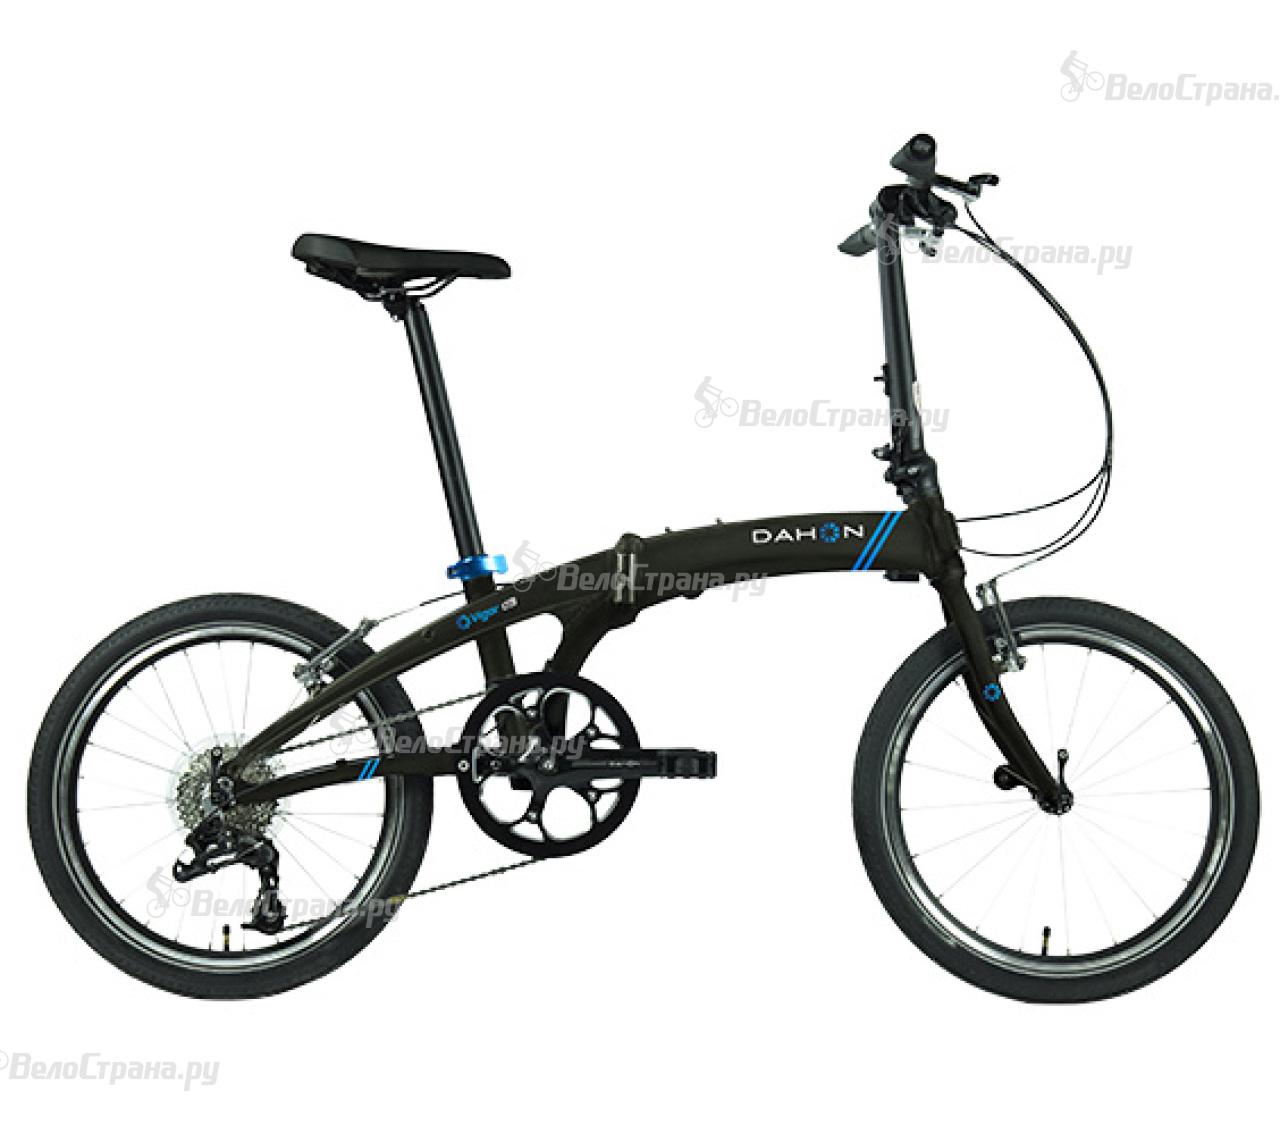 Велосипед Dahon Vigor D9 (2017) велосипед dahon vybe d7 u 2017